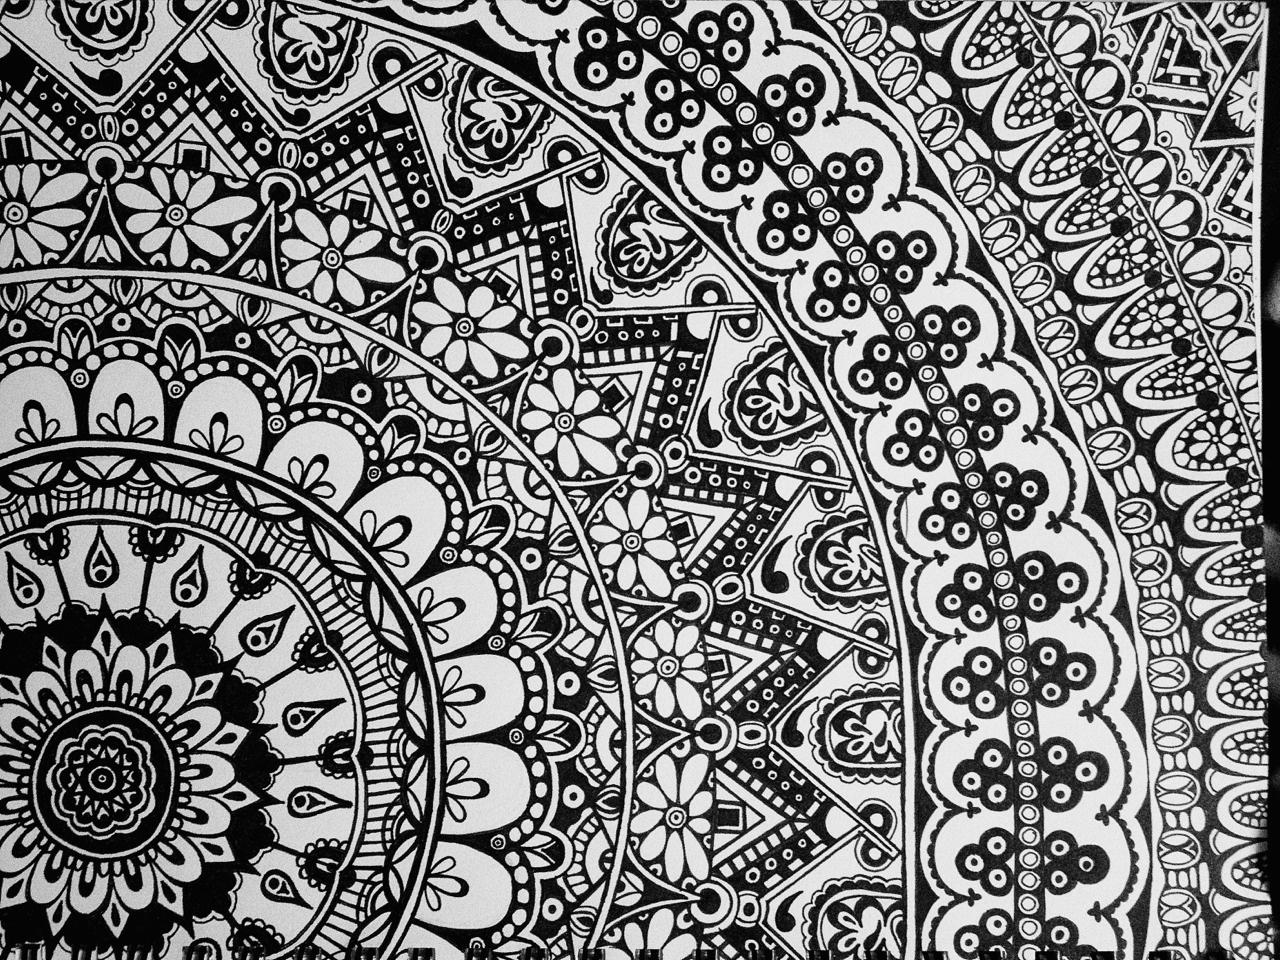 Coloriage anti stress mandala gratuit pour adulte 26 dessin de mandala - Dessin anti stress mandala ...